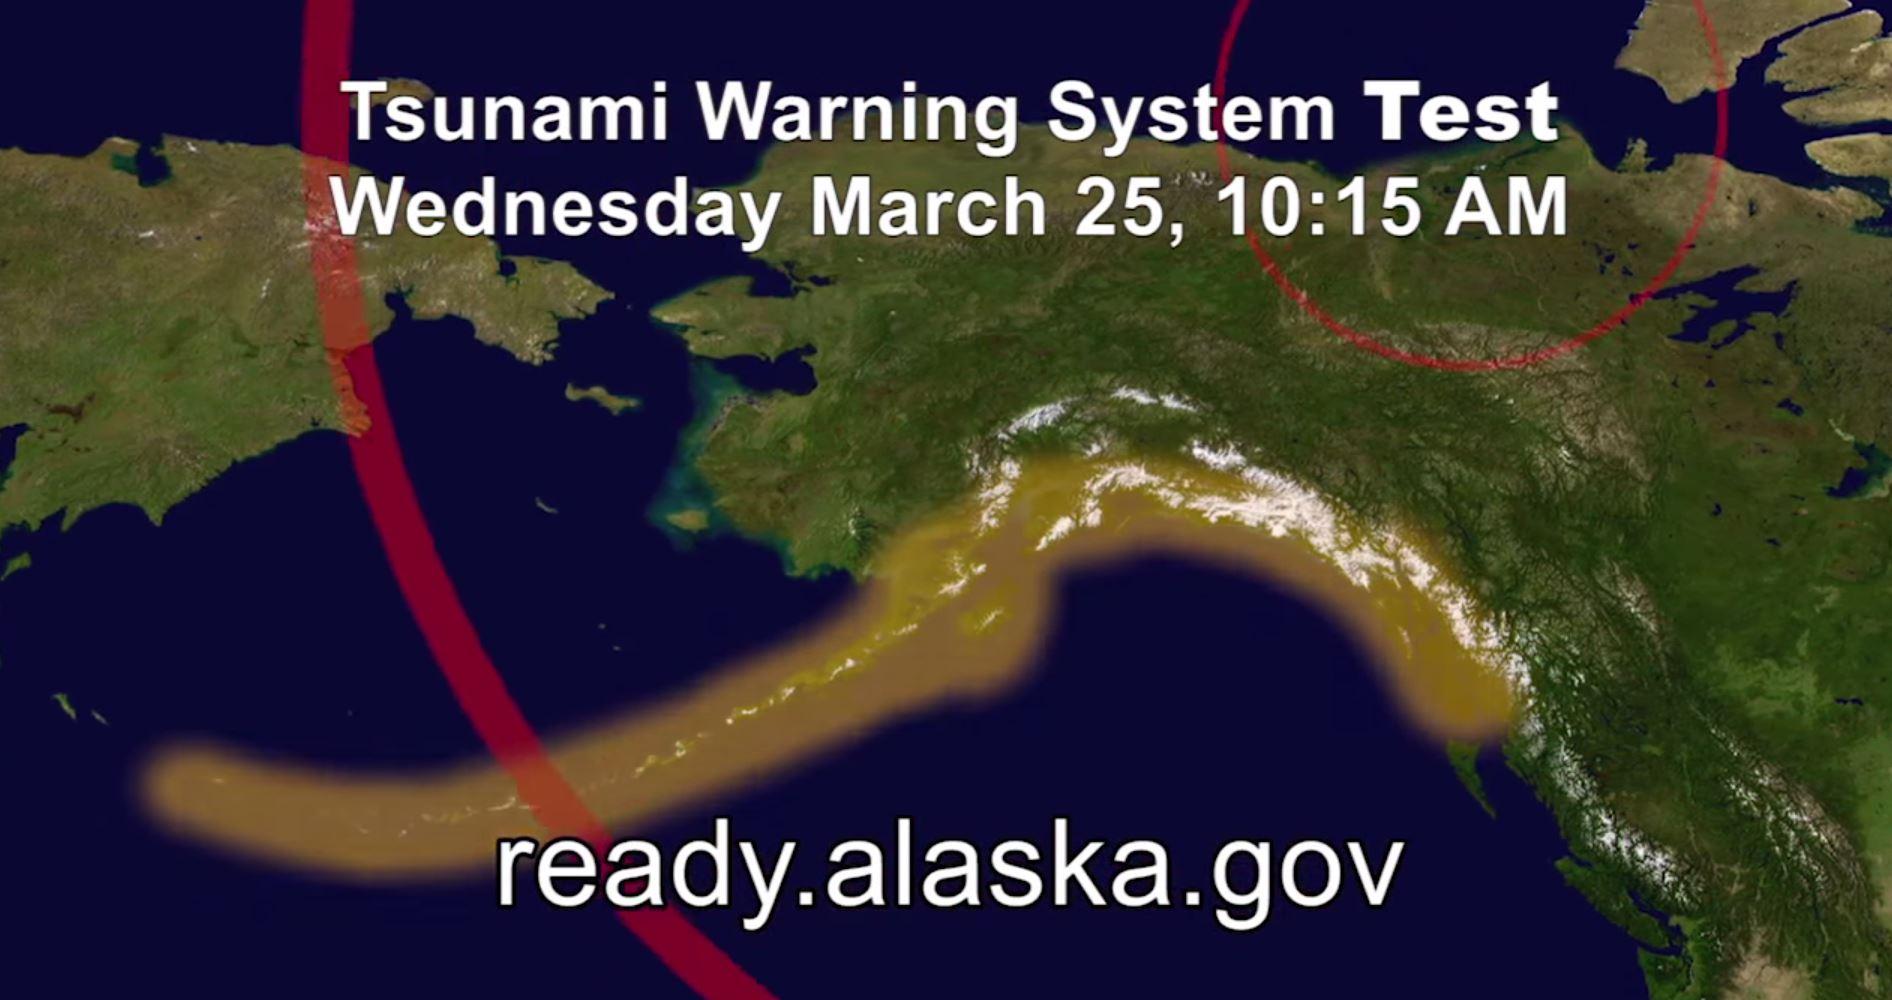 TsunamiWarningSystem